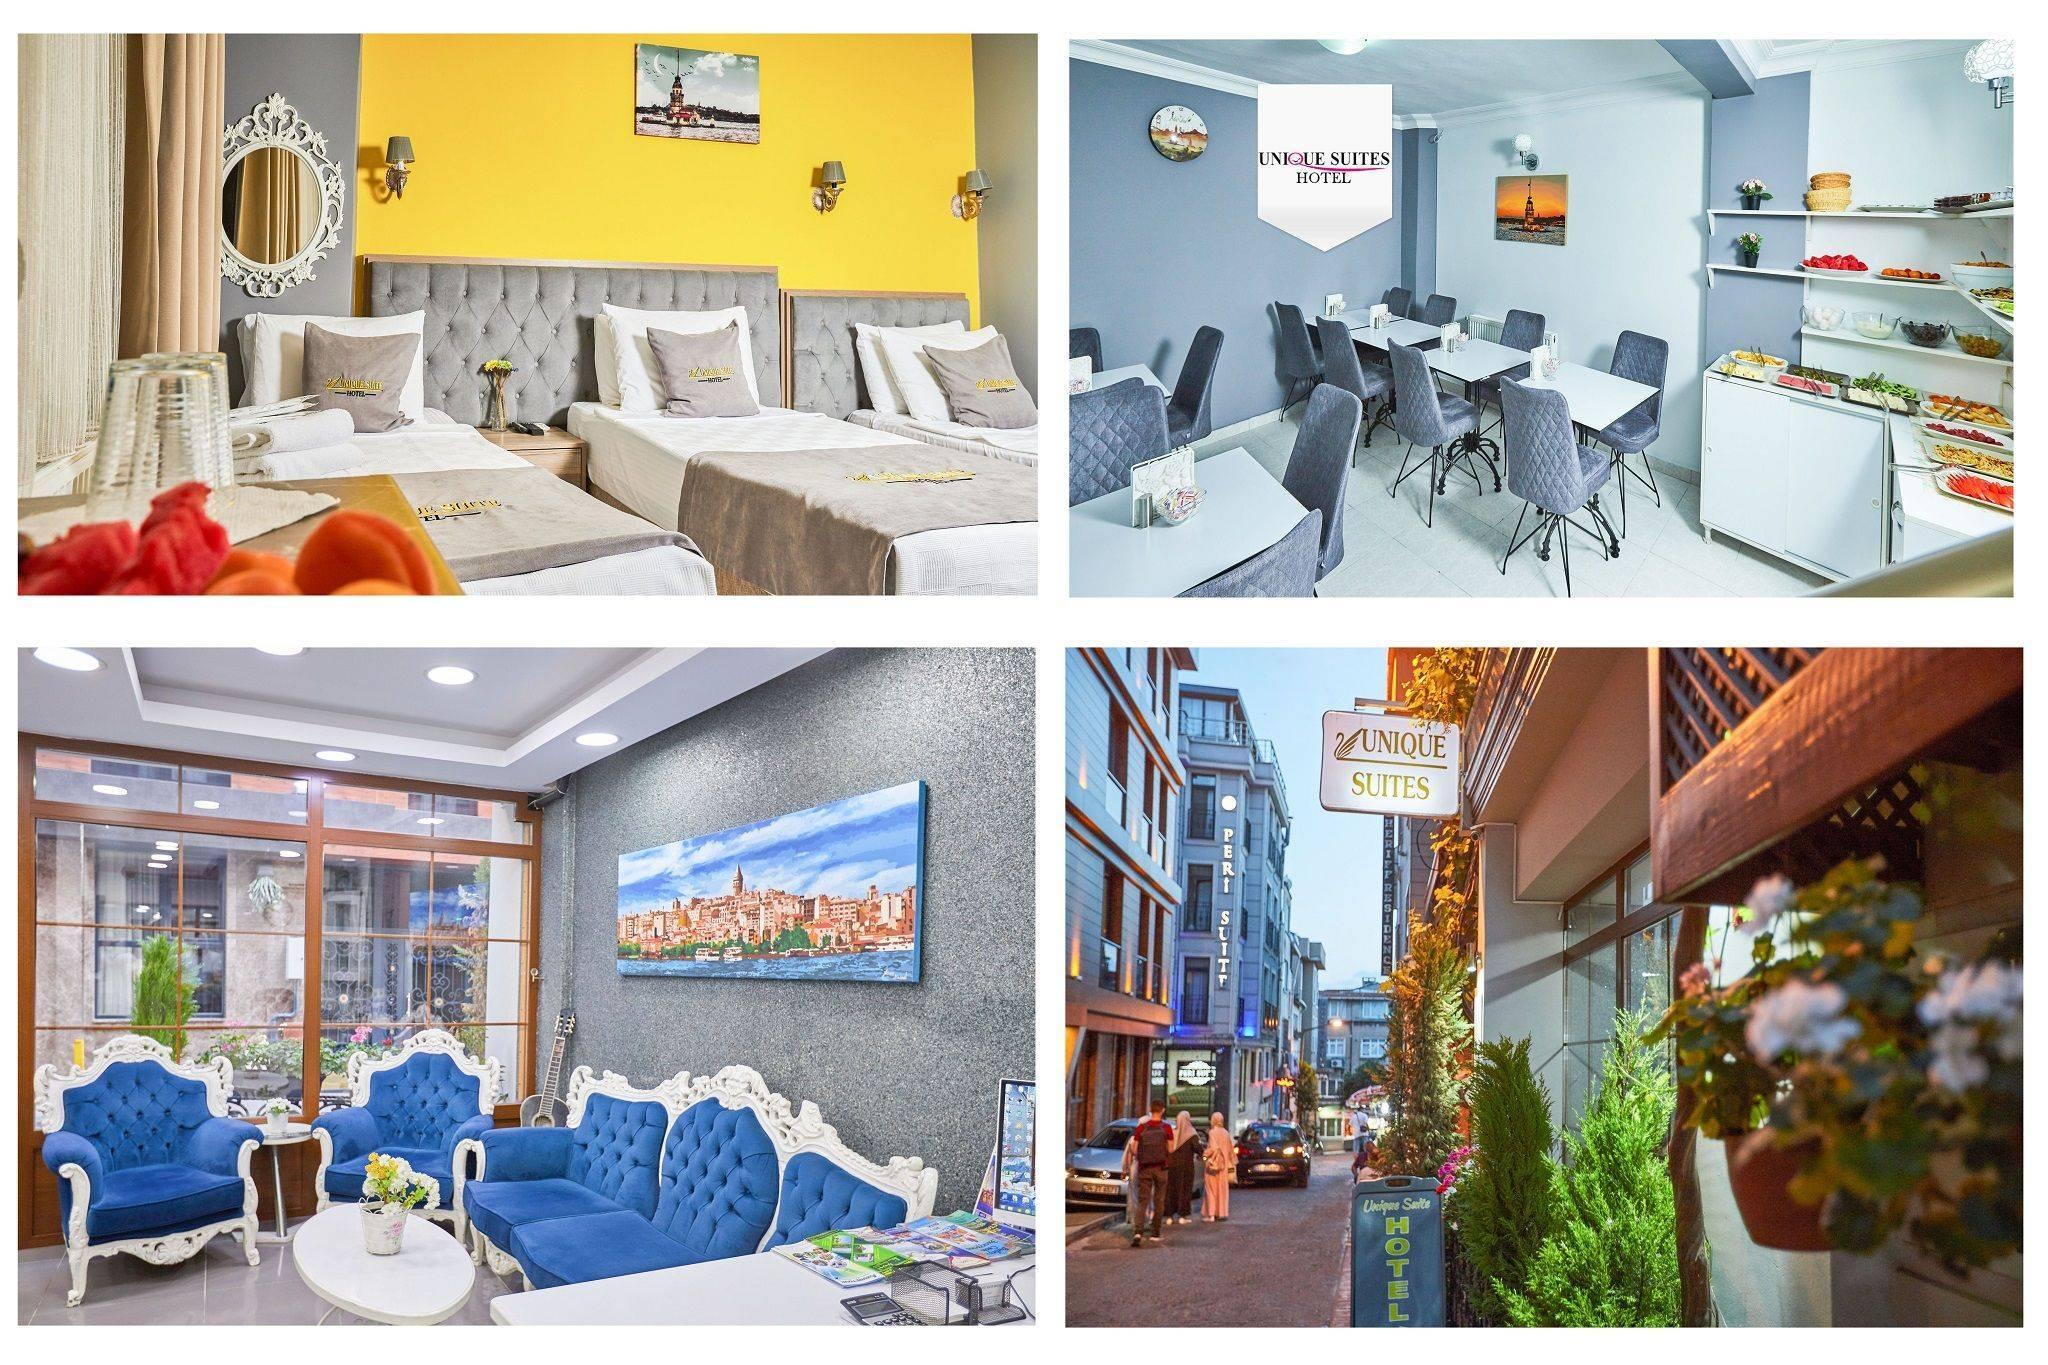 Unique Suite Otel, İstanbul, Beyoğlu, 30506